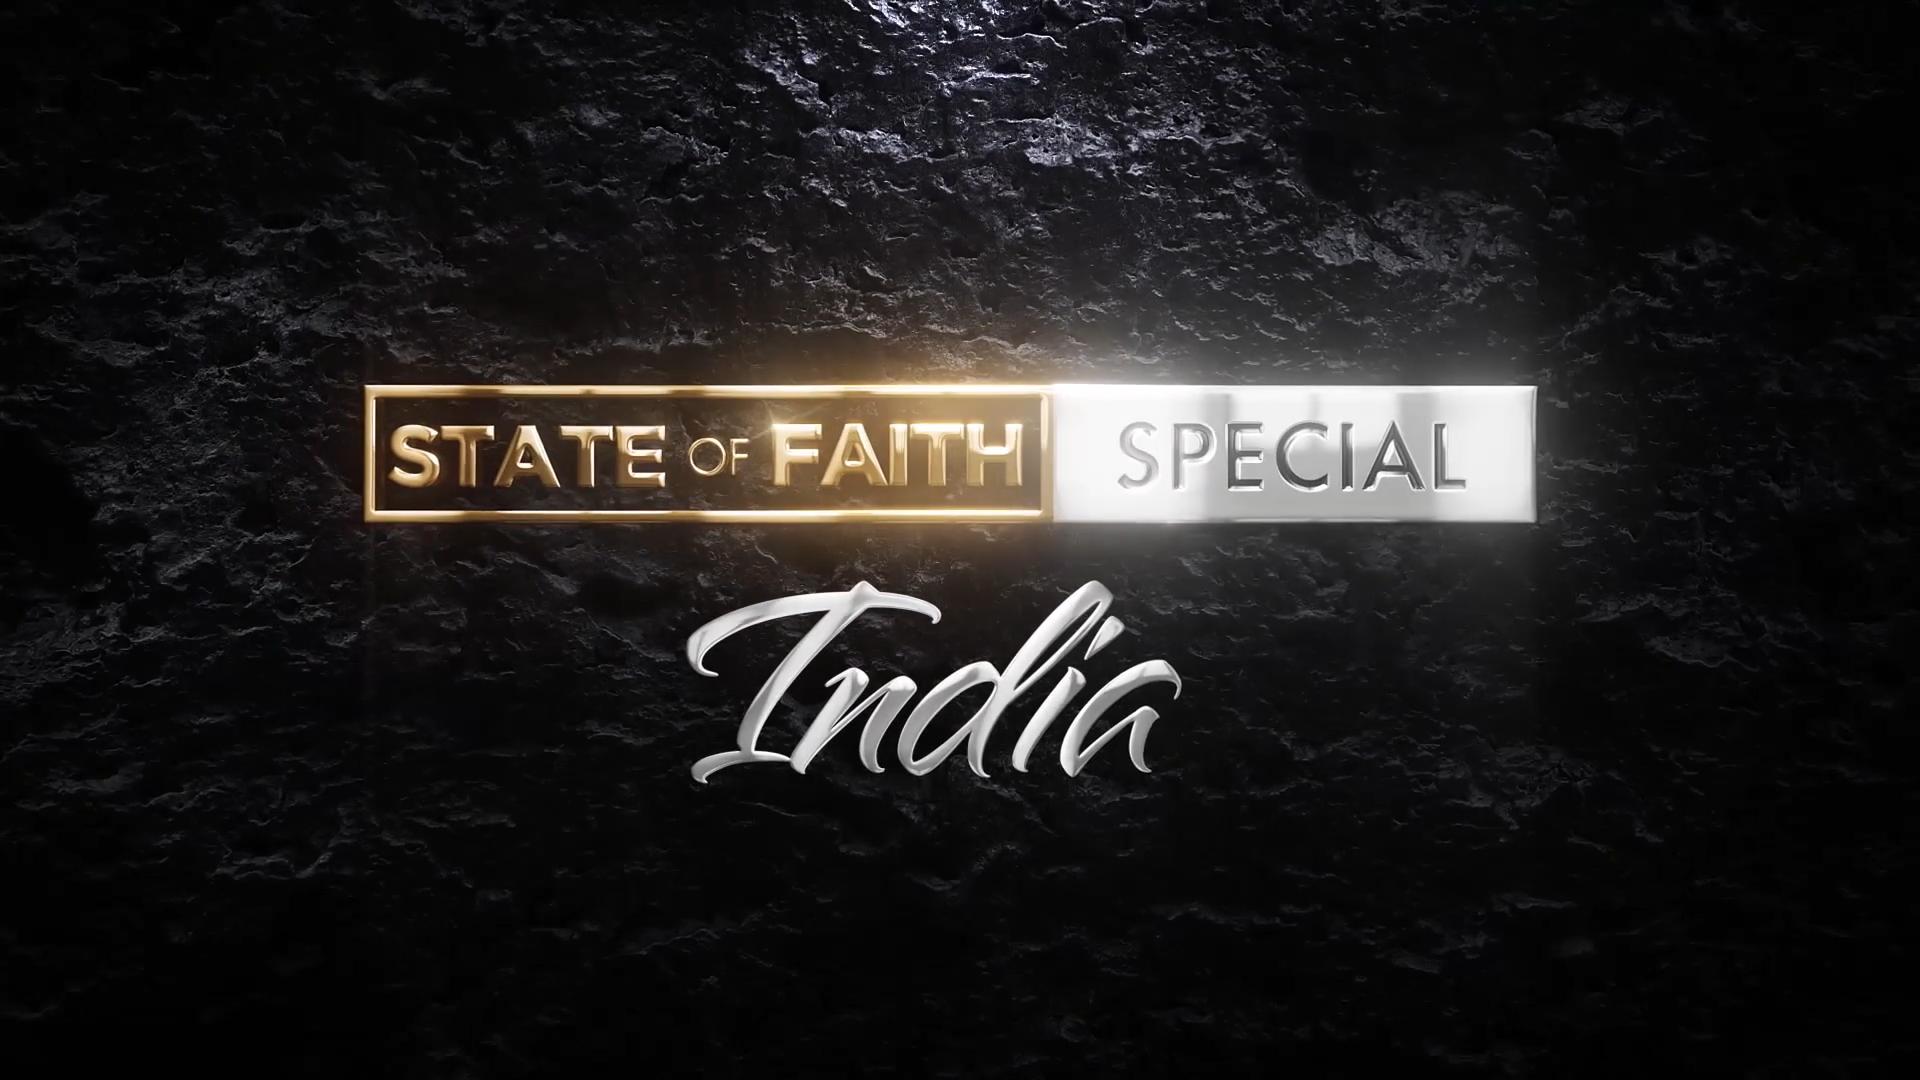 State of Faith - India